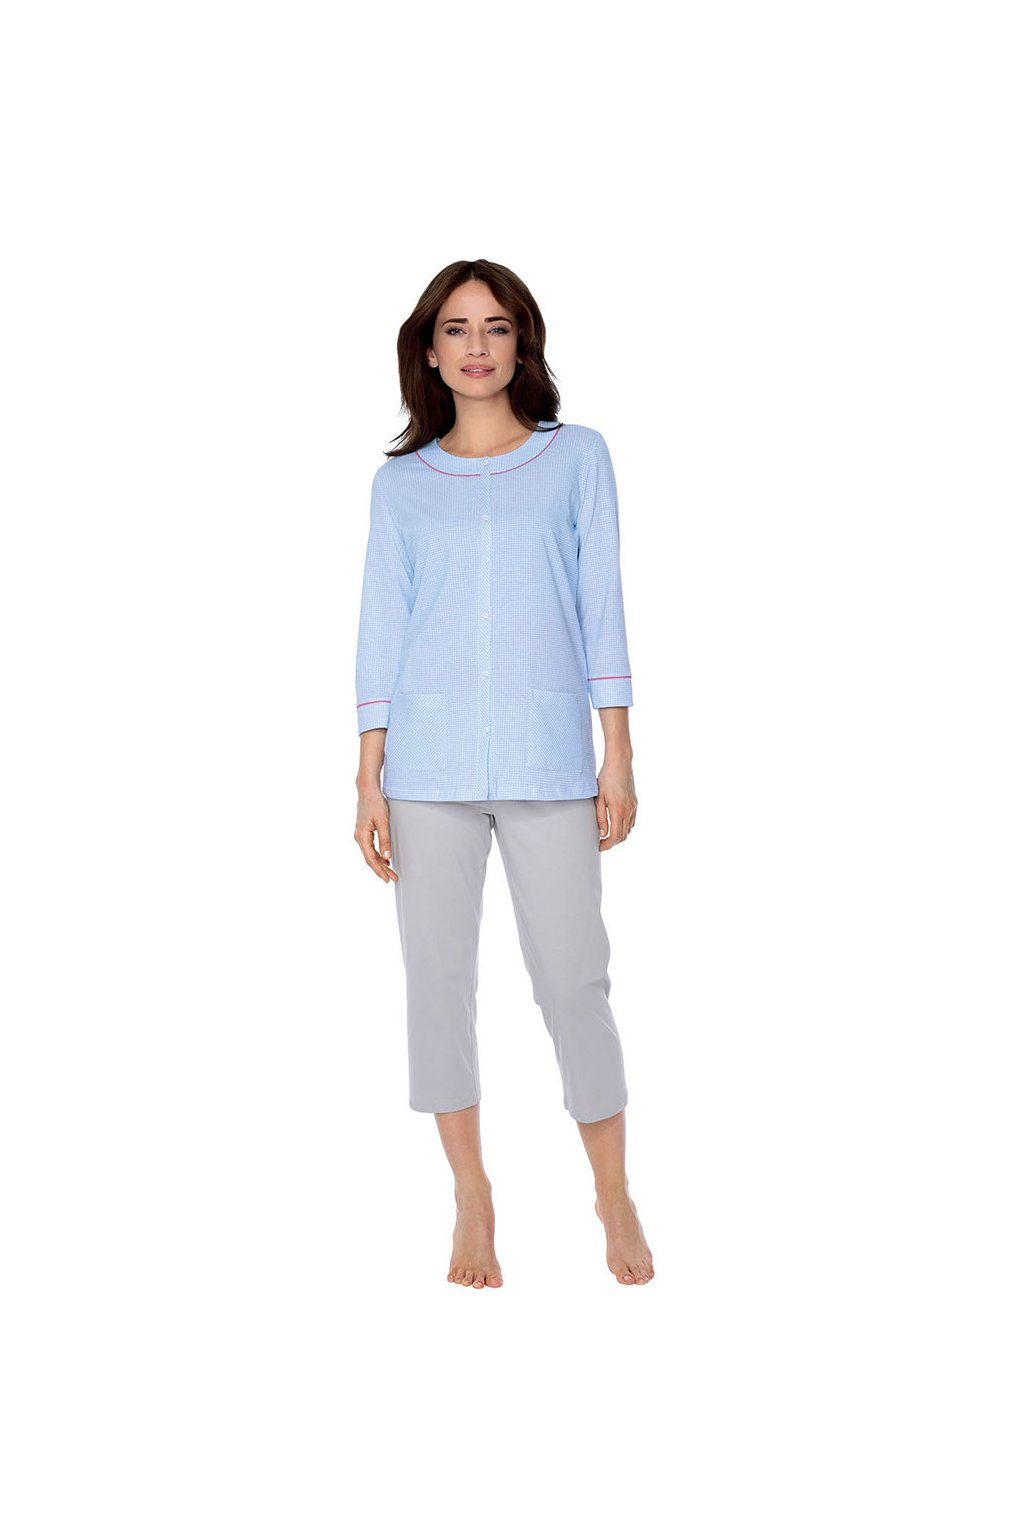 Dámské pyžamo s 3/4 rukávem, 104493 18, modrá